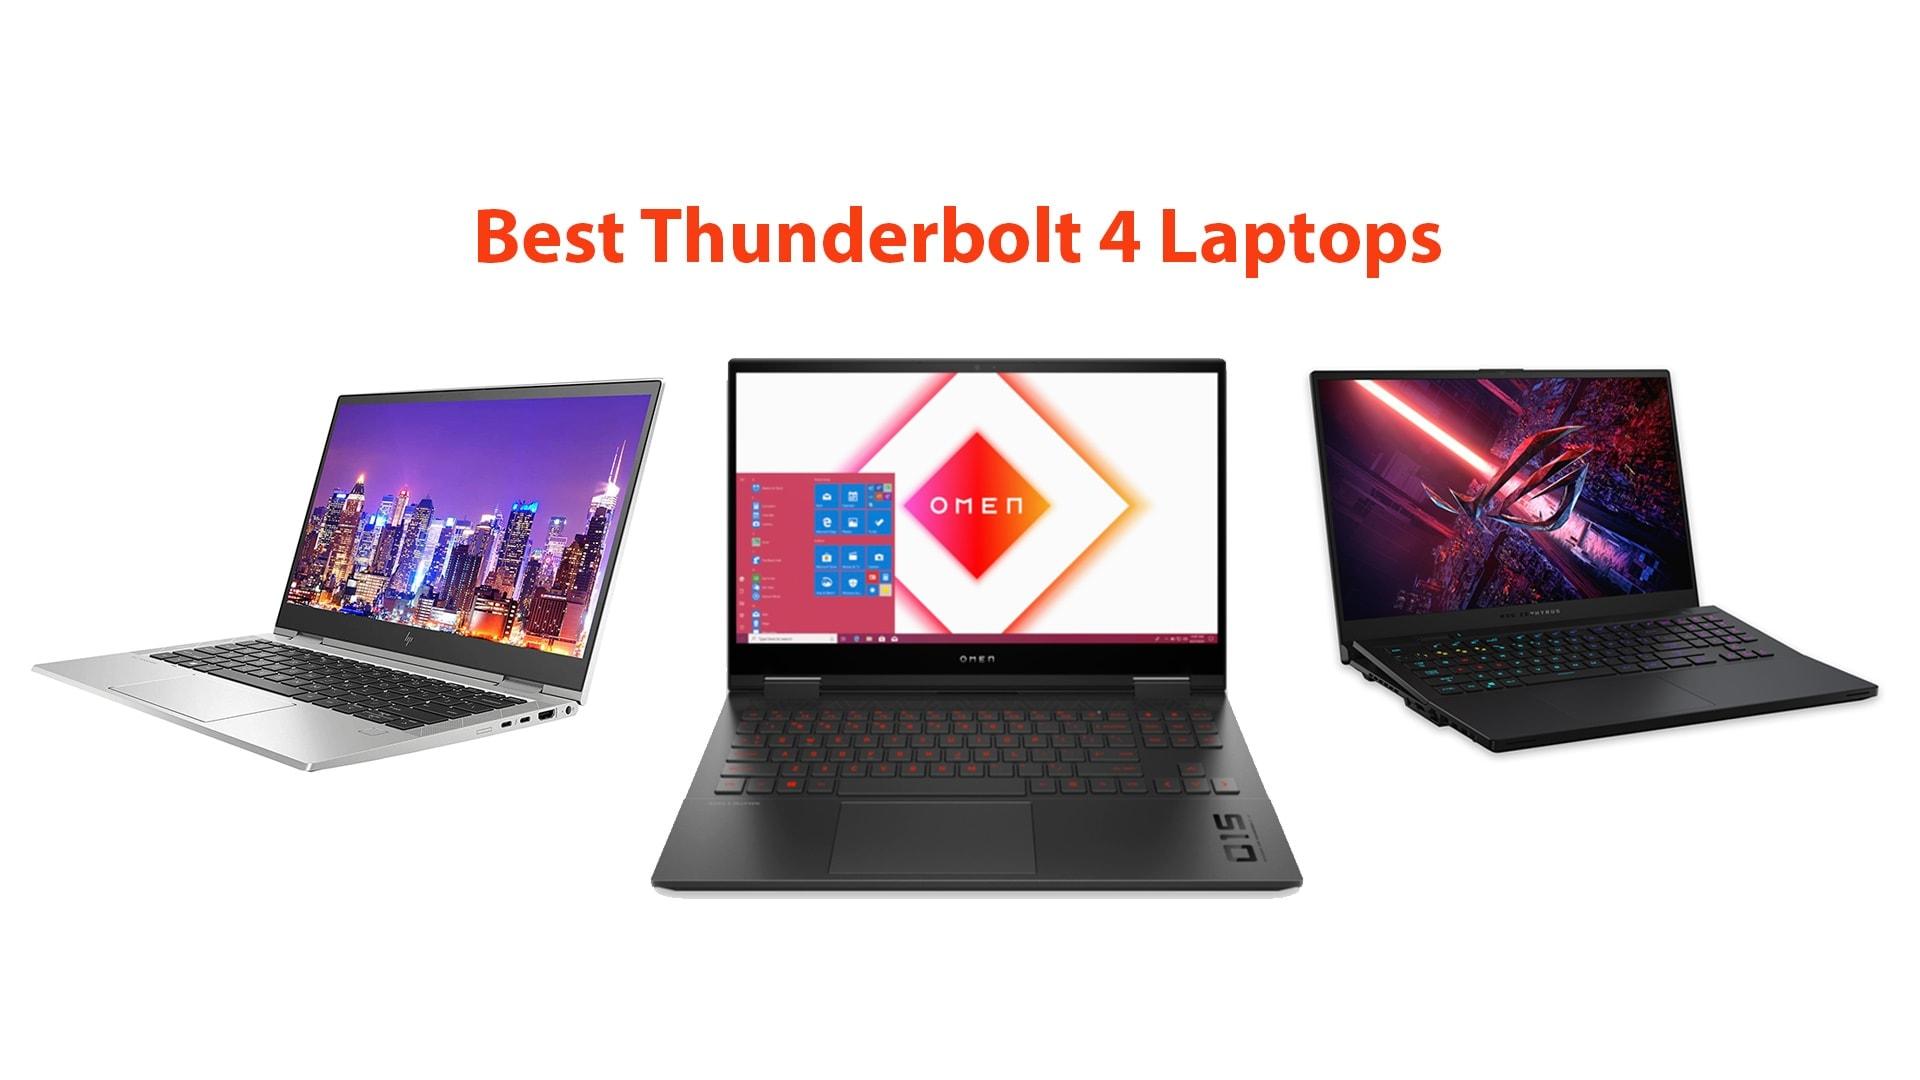 Best Thunderbolt 4 Laptops